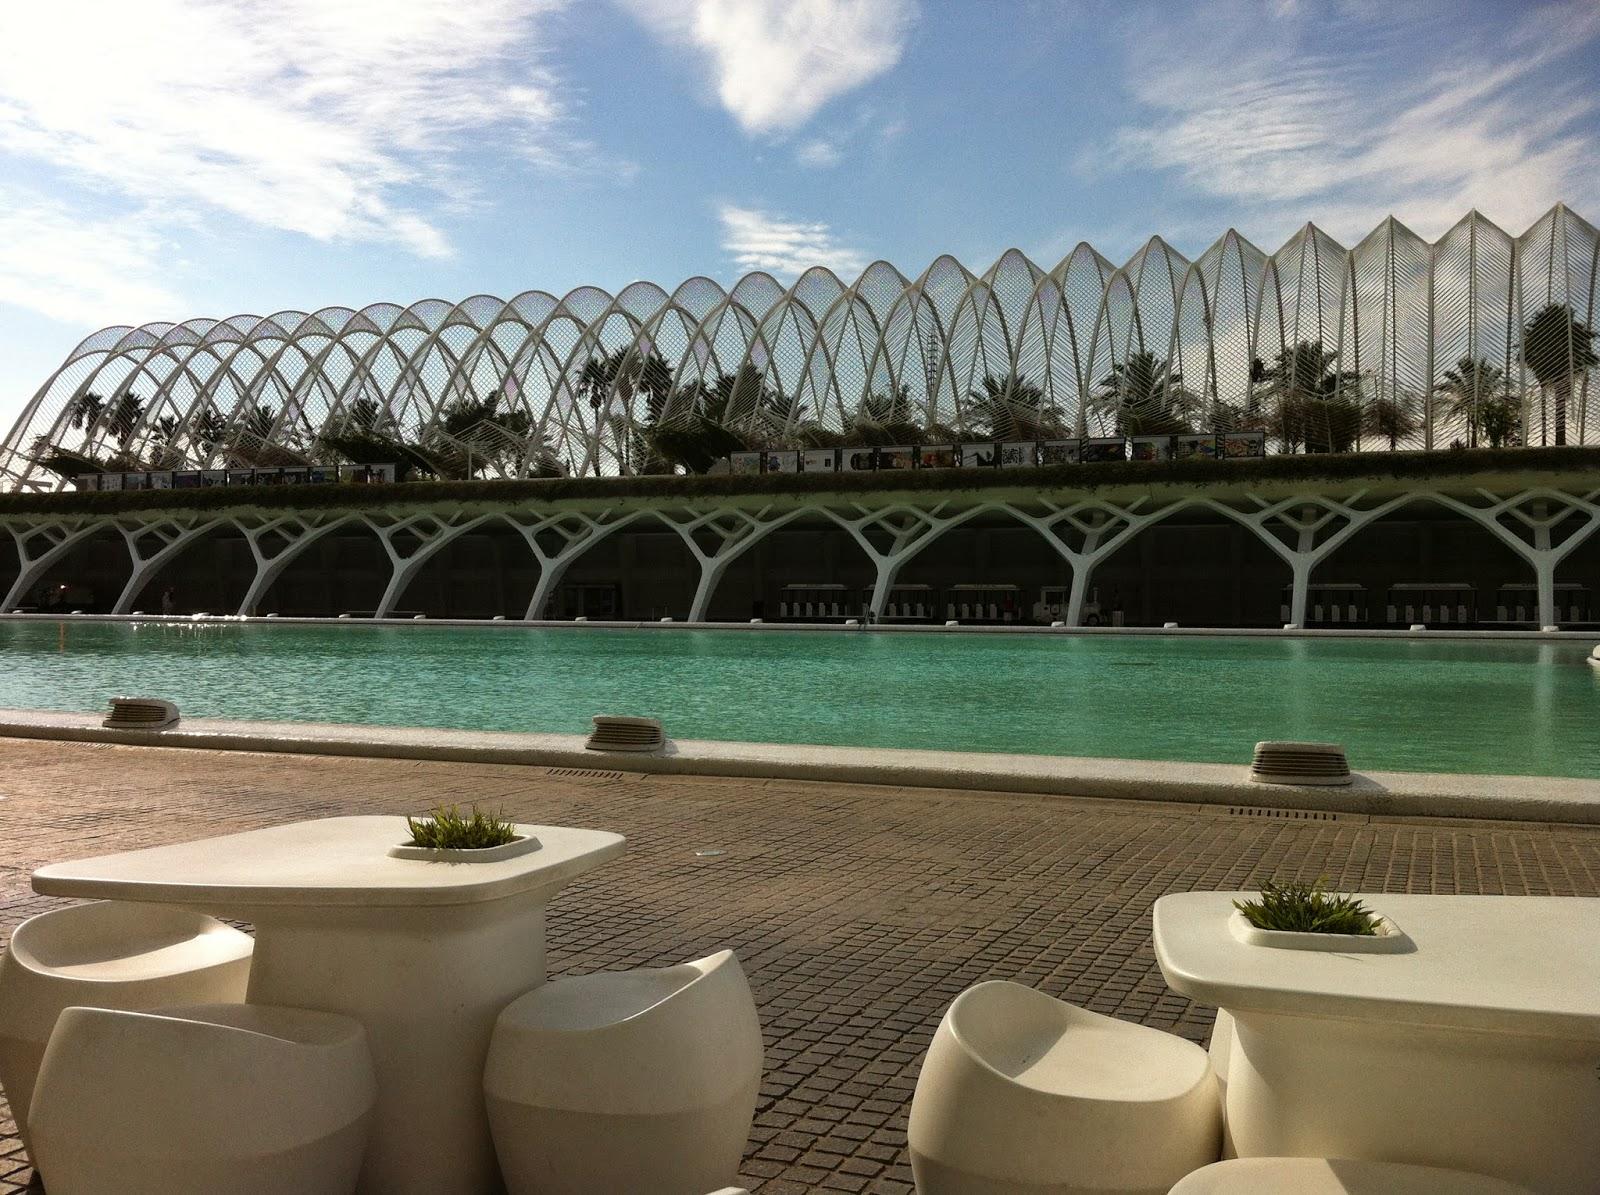 Valencia-Ciudad de las Artes y las Ciencias